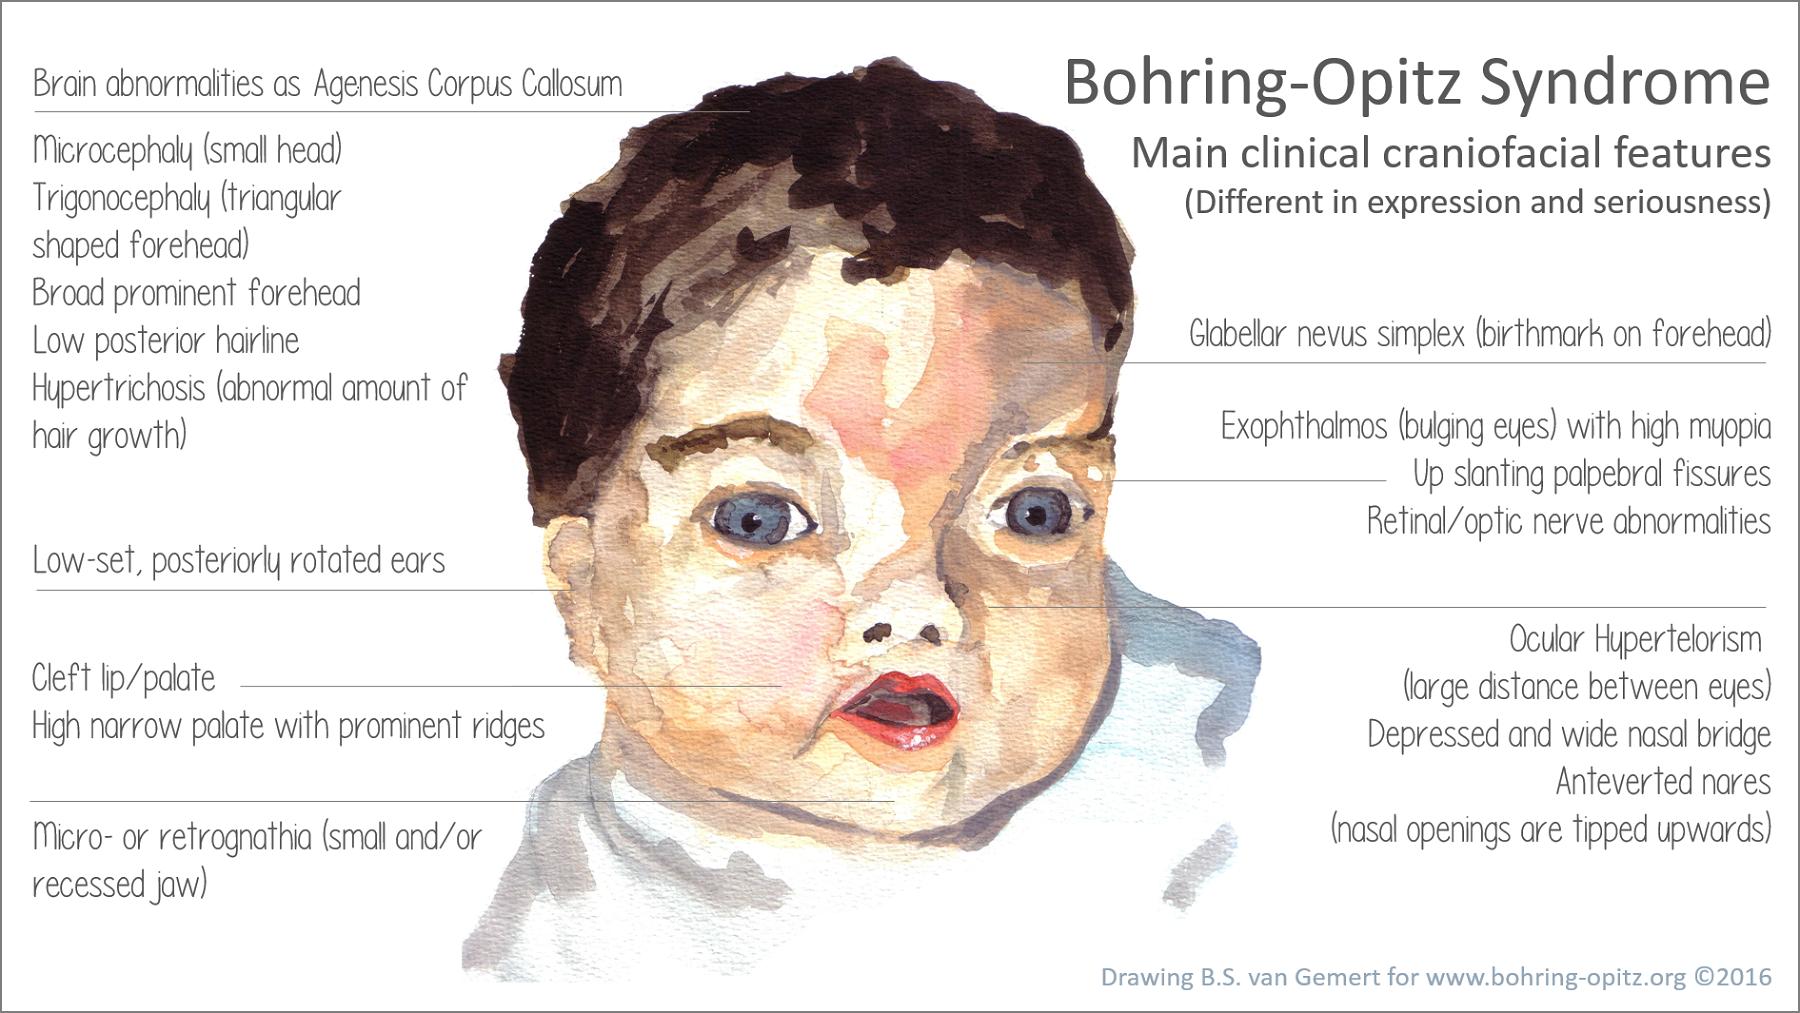 clinical craniofacial features